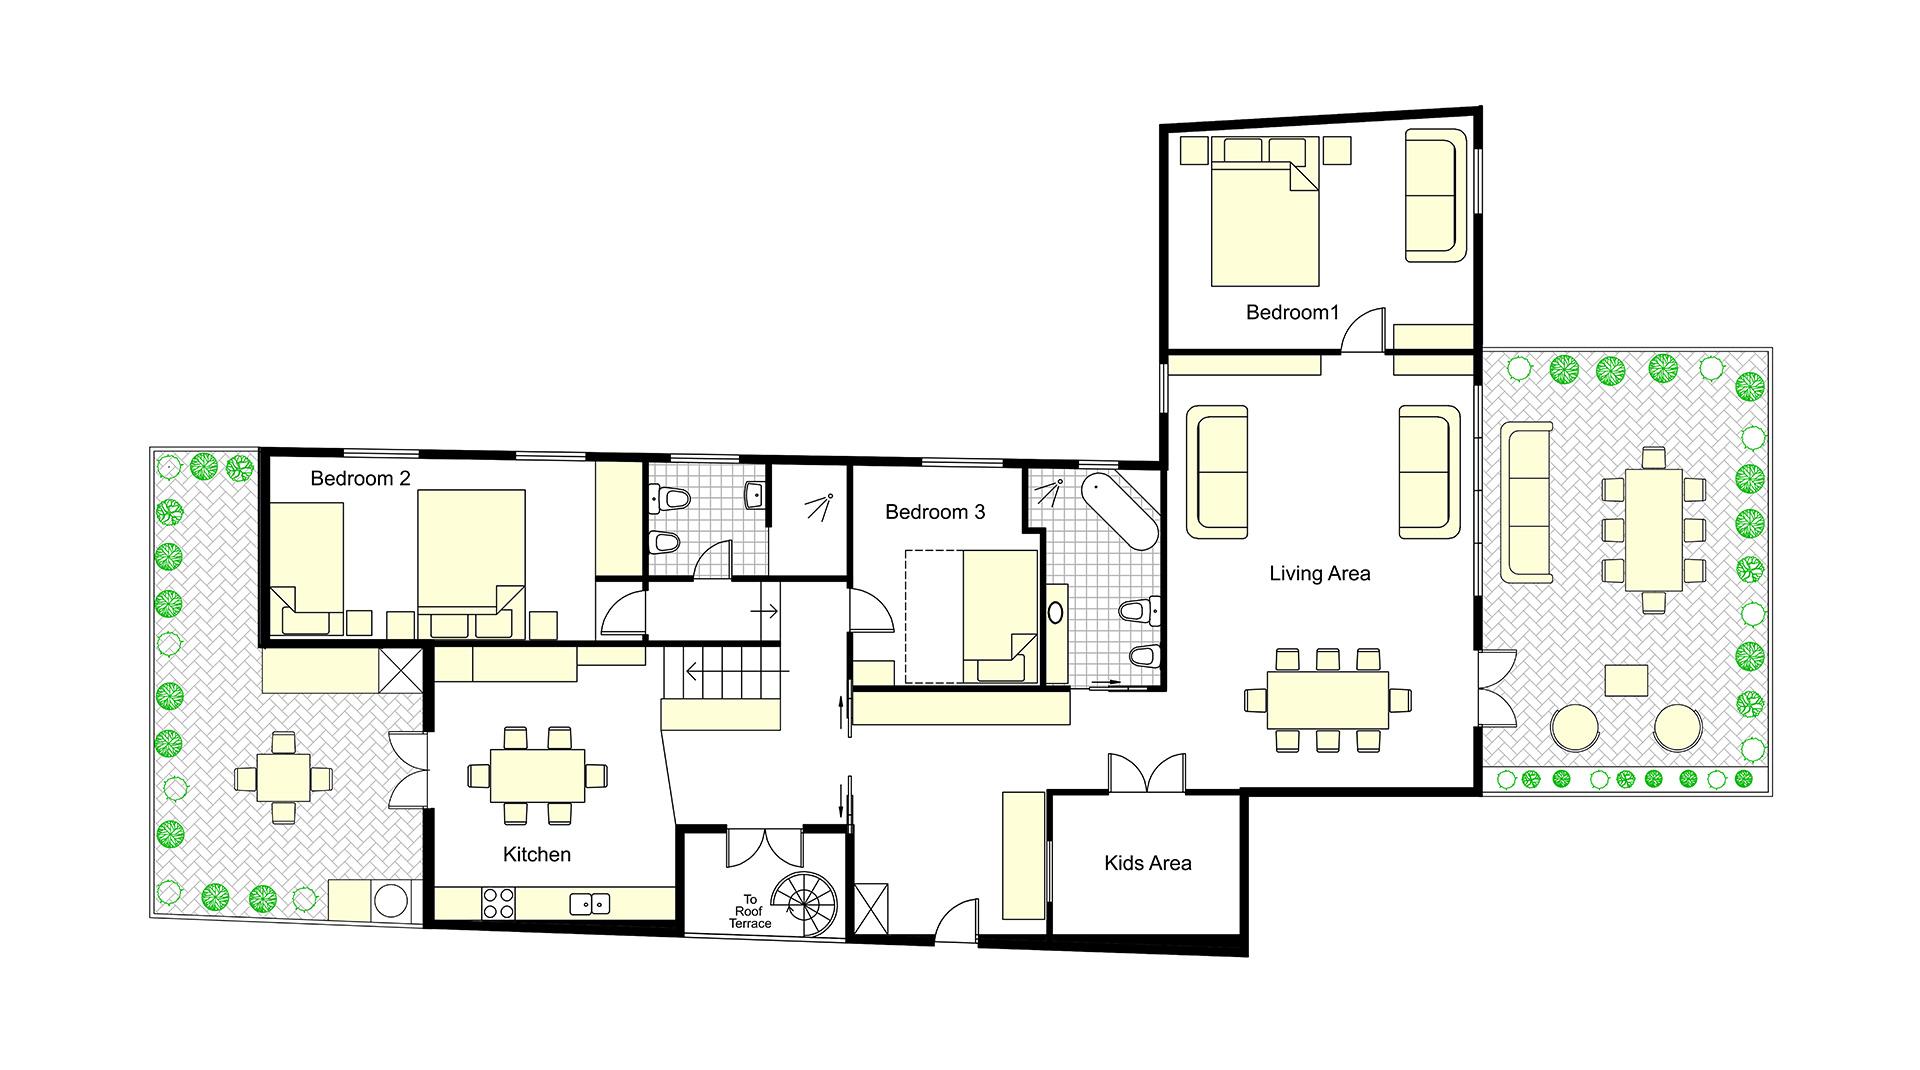 Donizetti Dream Floorplan